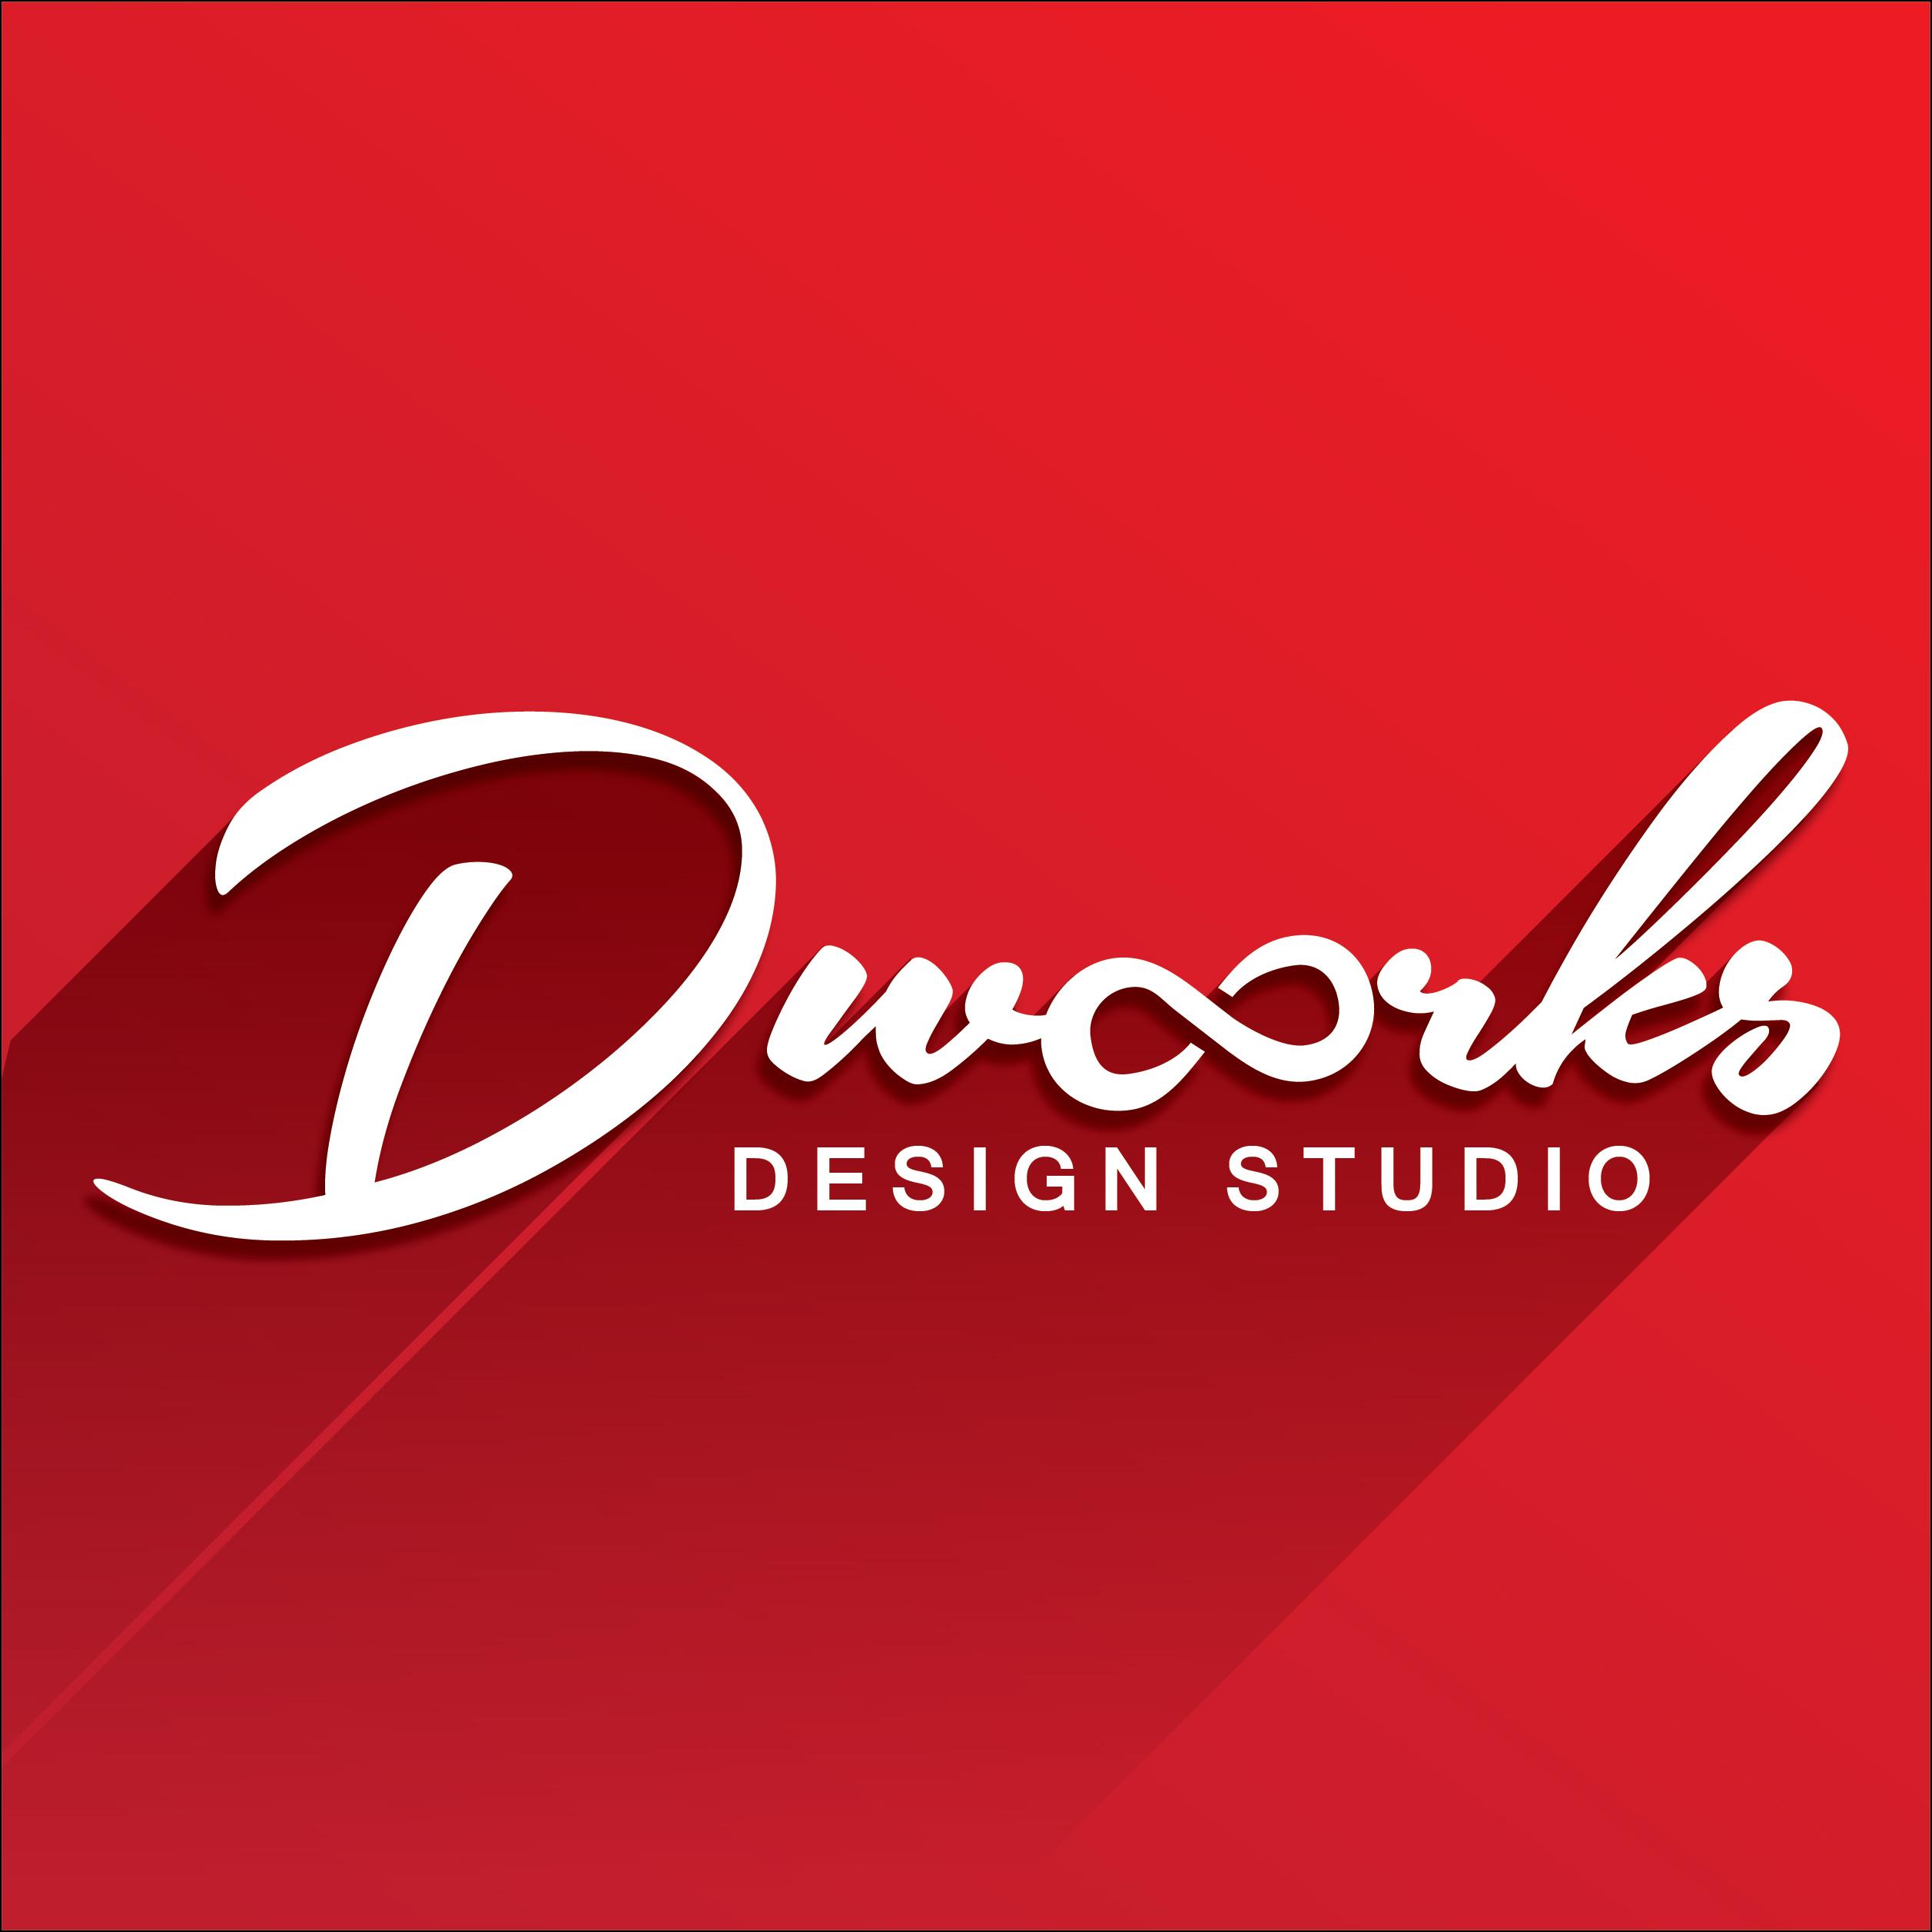 D woorks 07